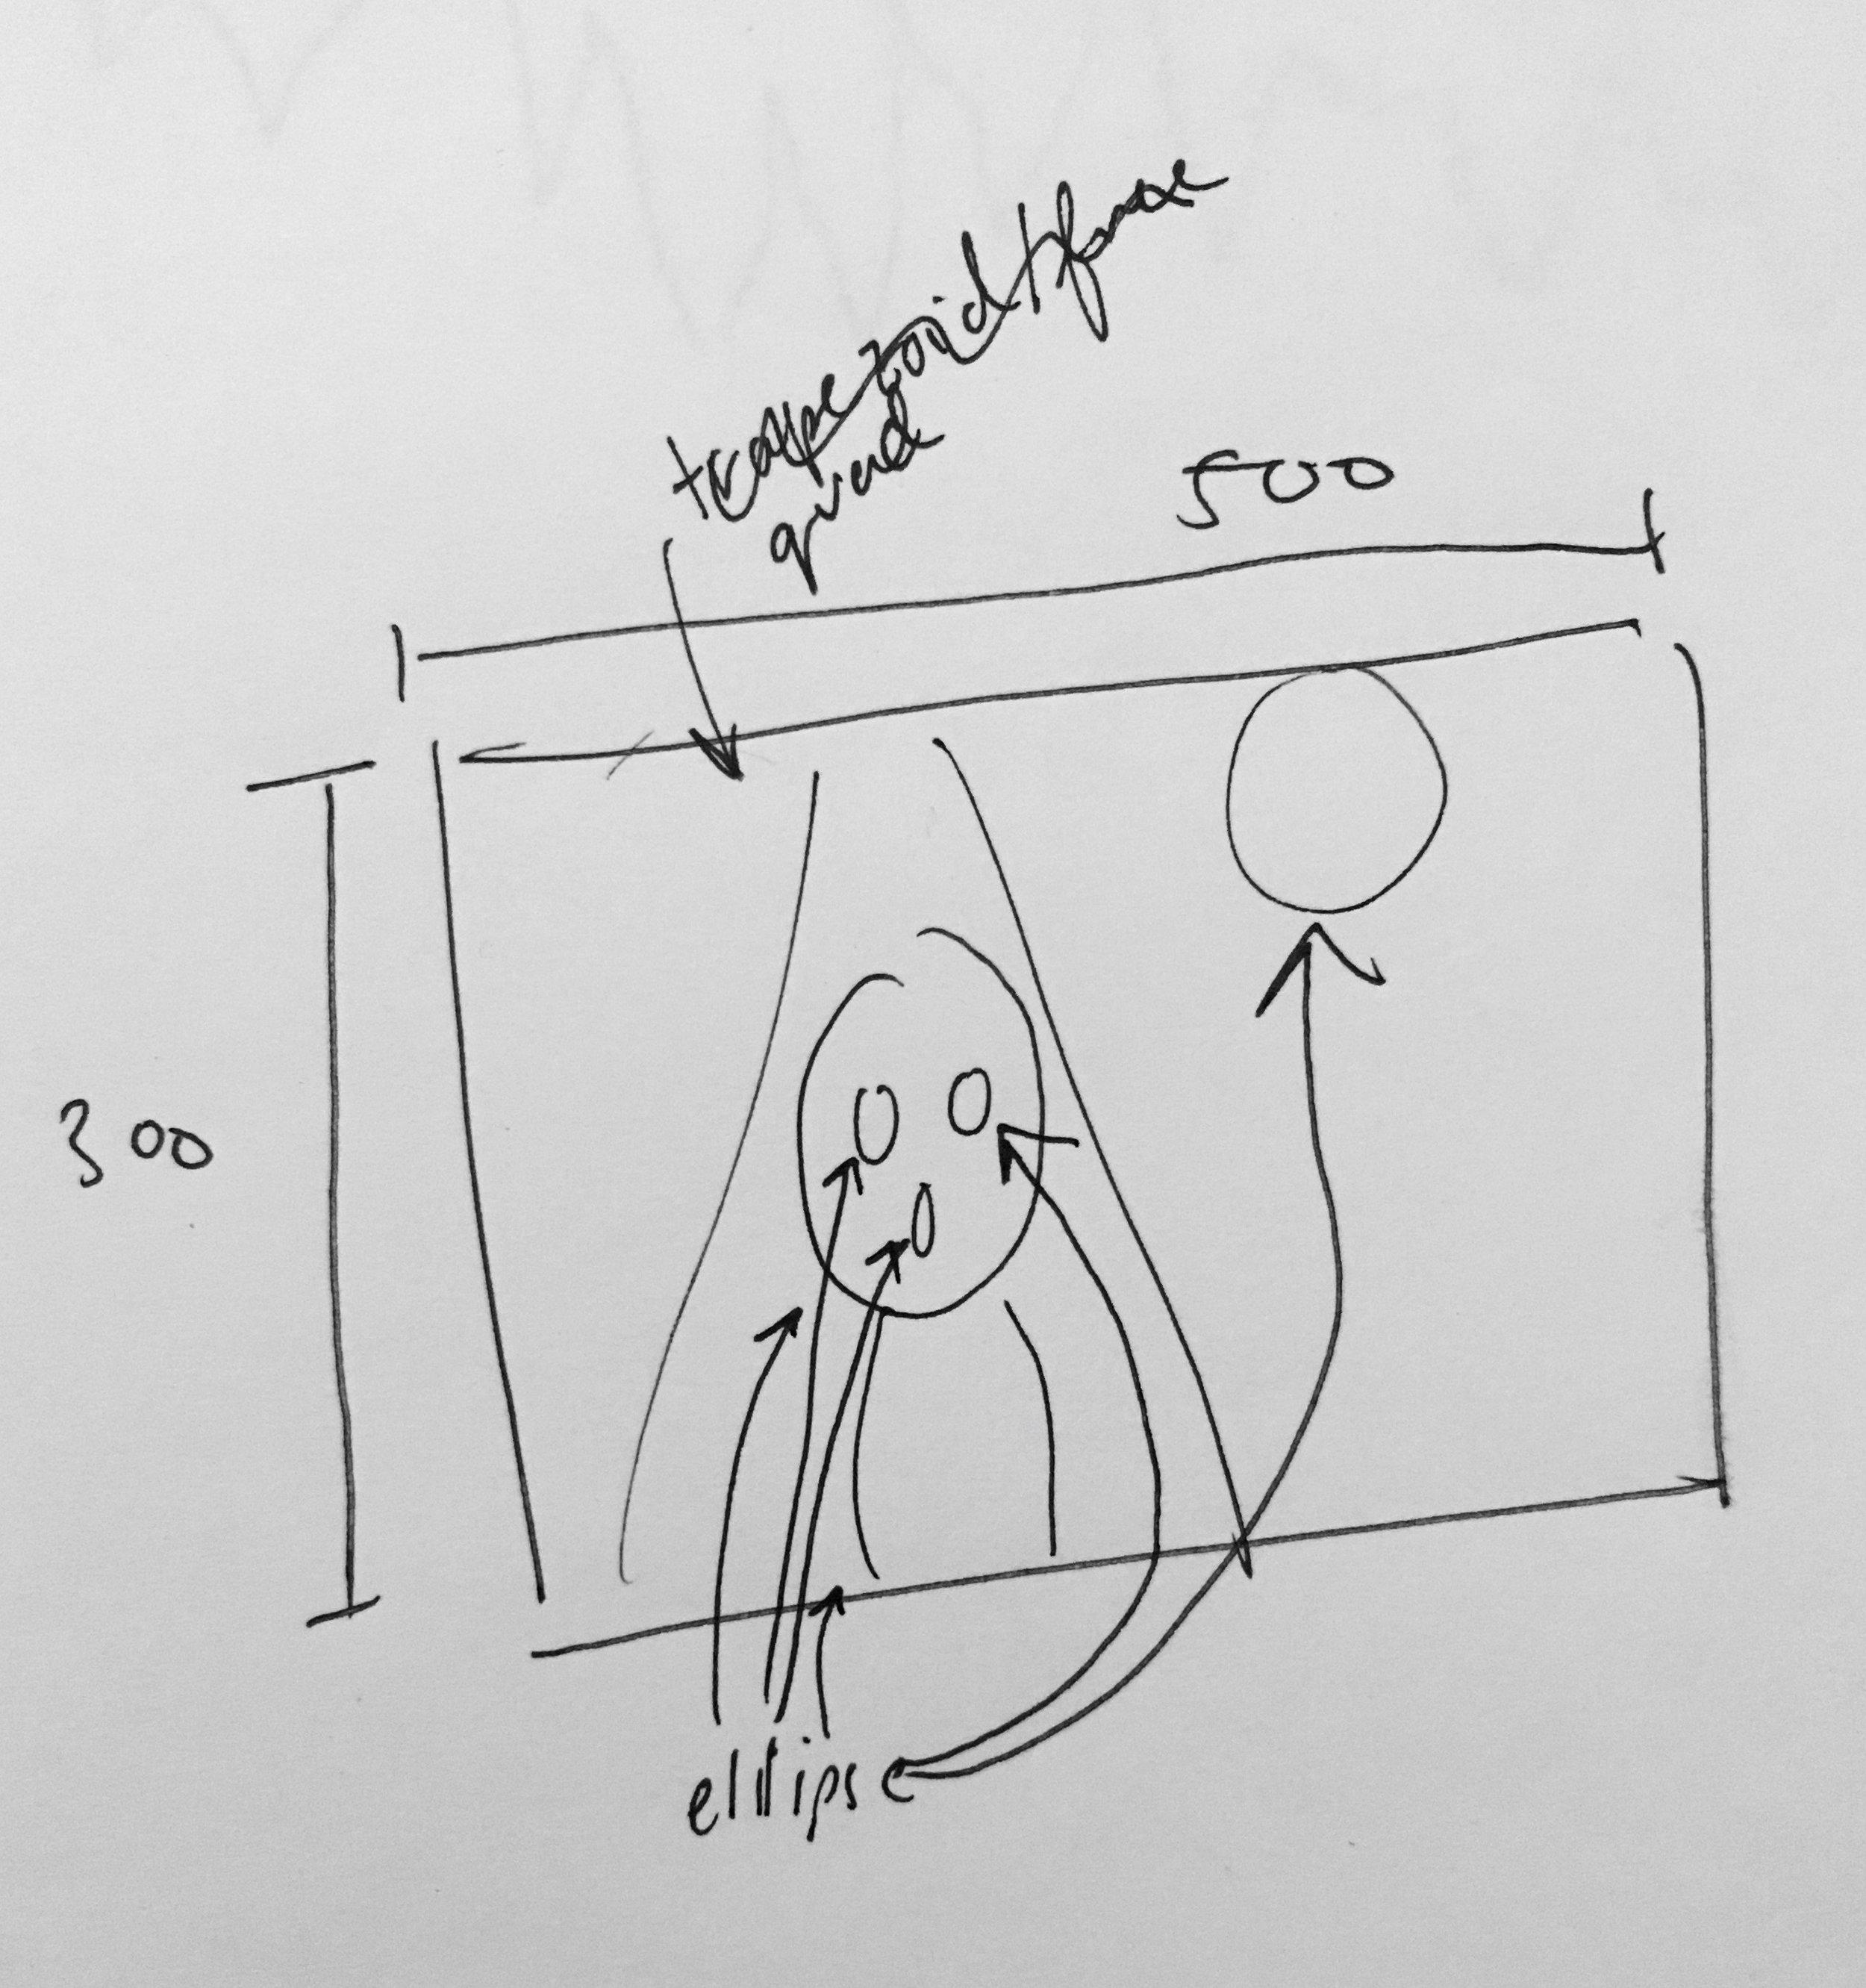 Preliminary sketch of alien portrait, very rough sketch.